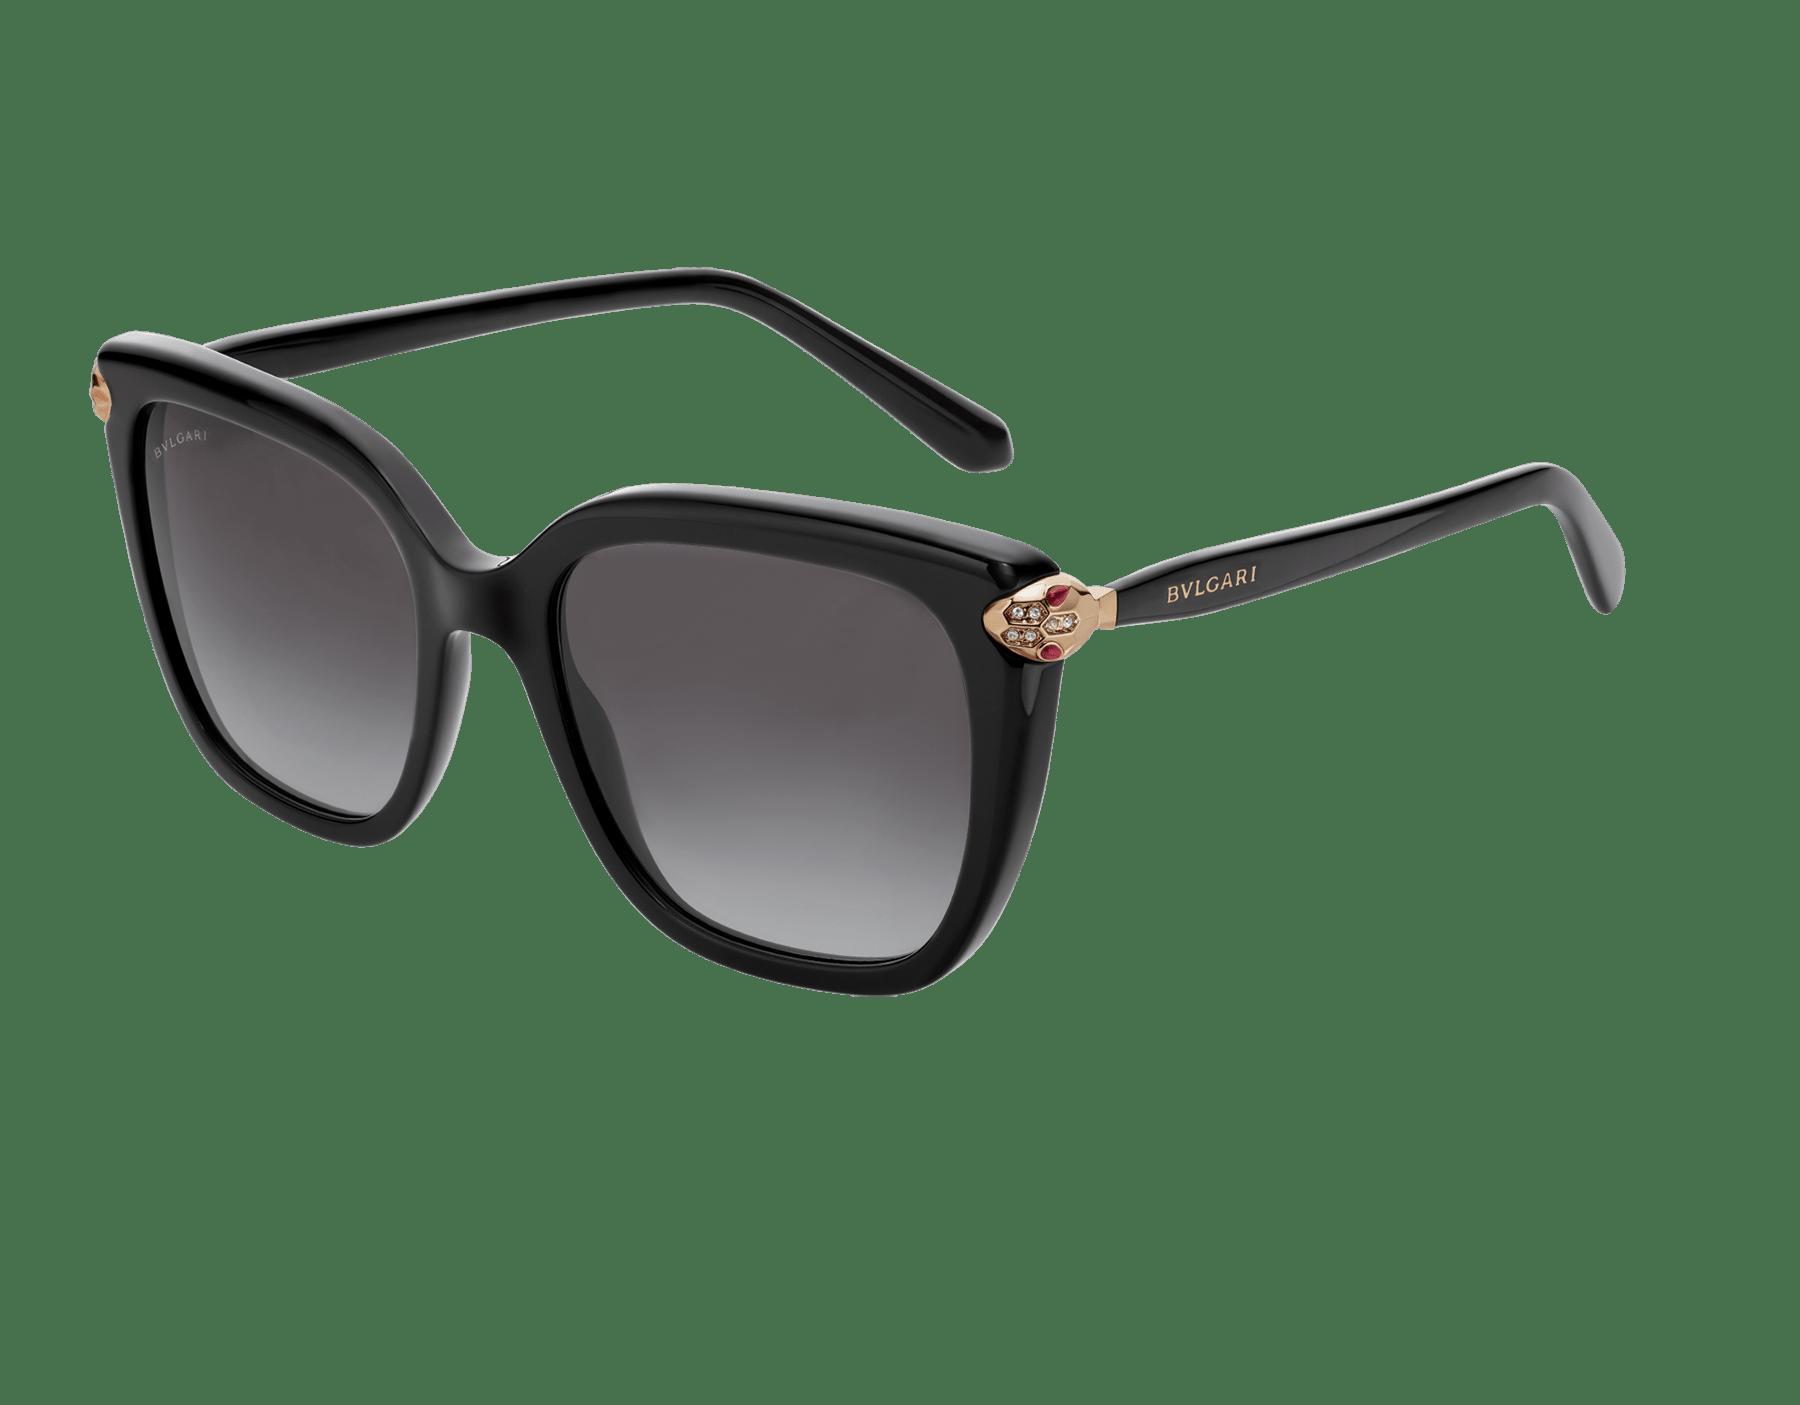 Serpenti 方形醋酸纖維太陽眼鏡。 903559 image 1